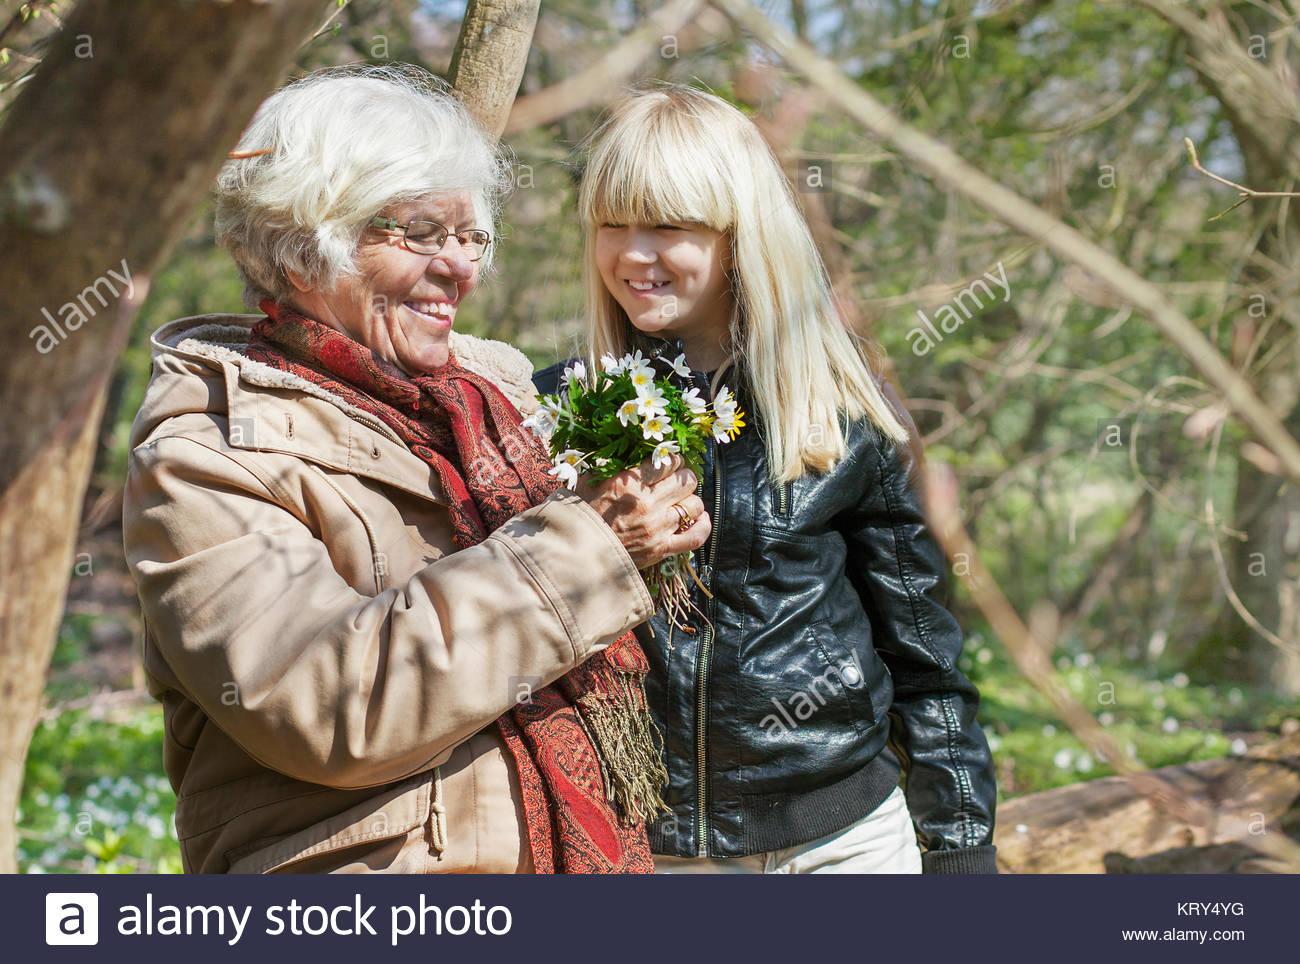 Mädchen sammeln Blumen mit ihrer Großmutter Stockbild